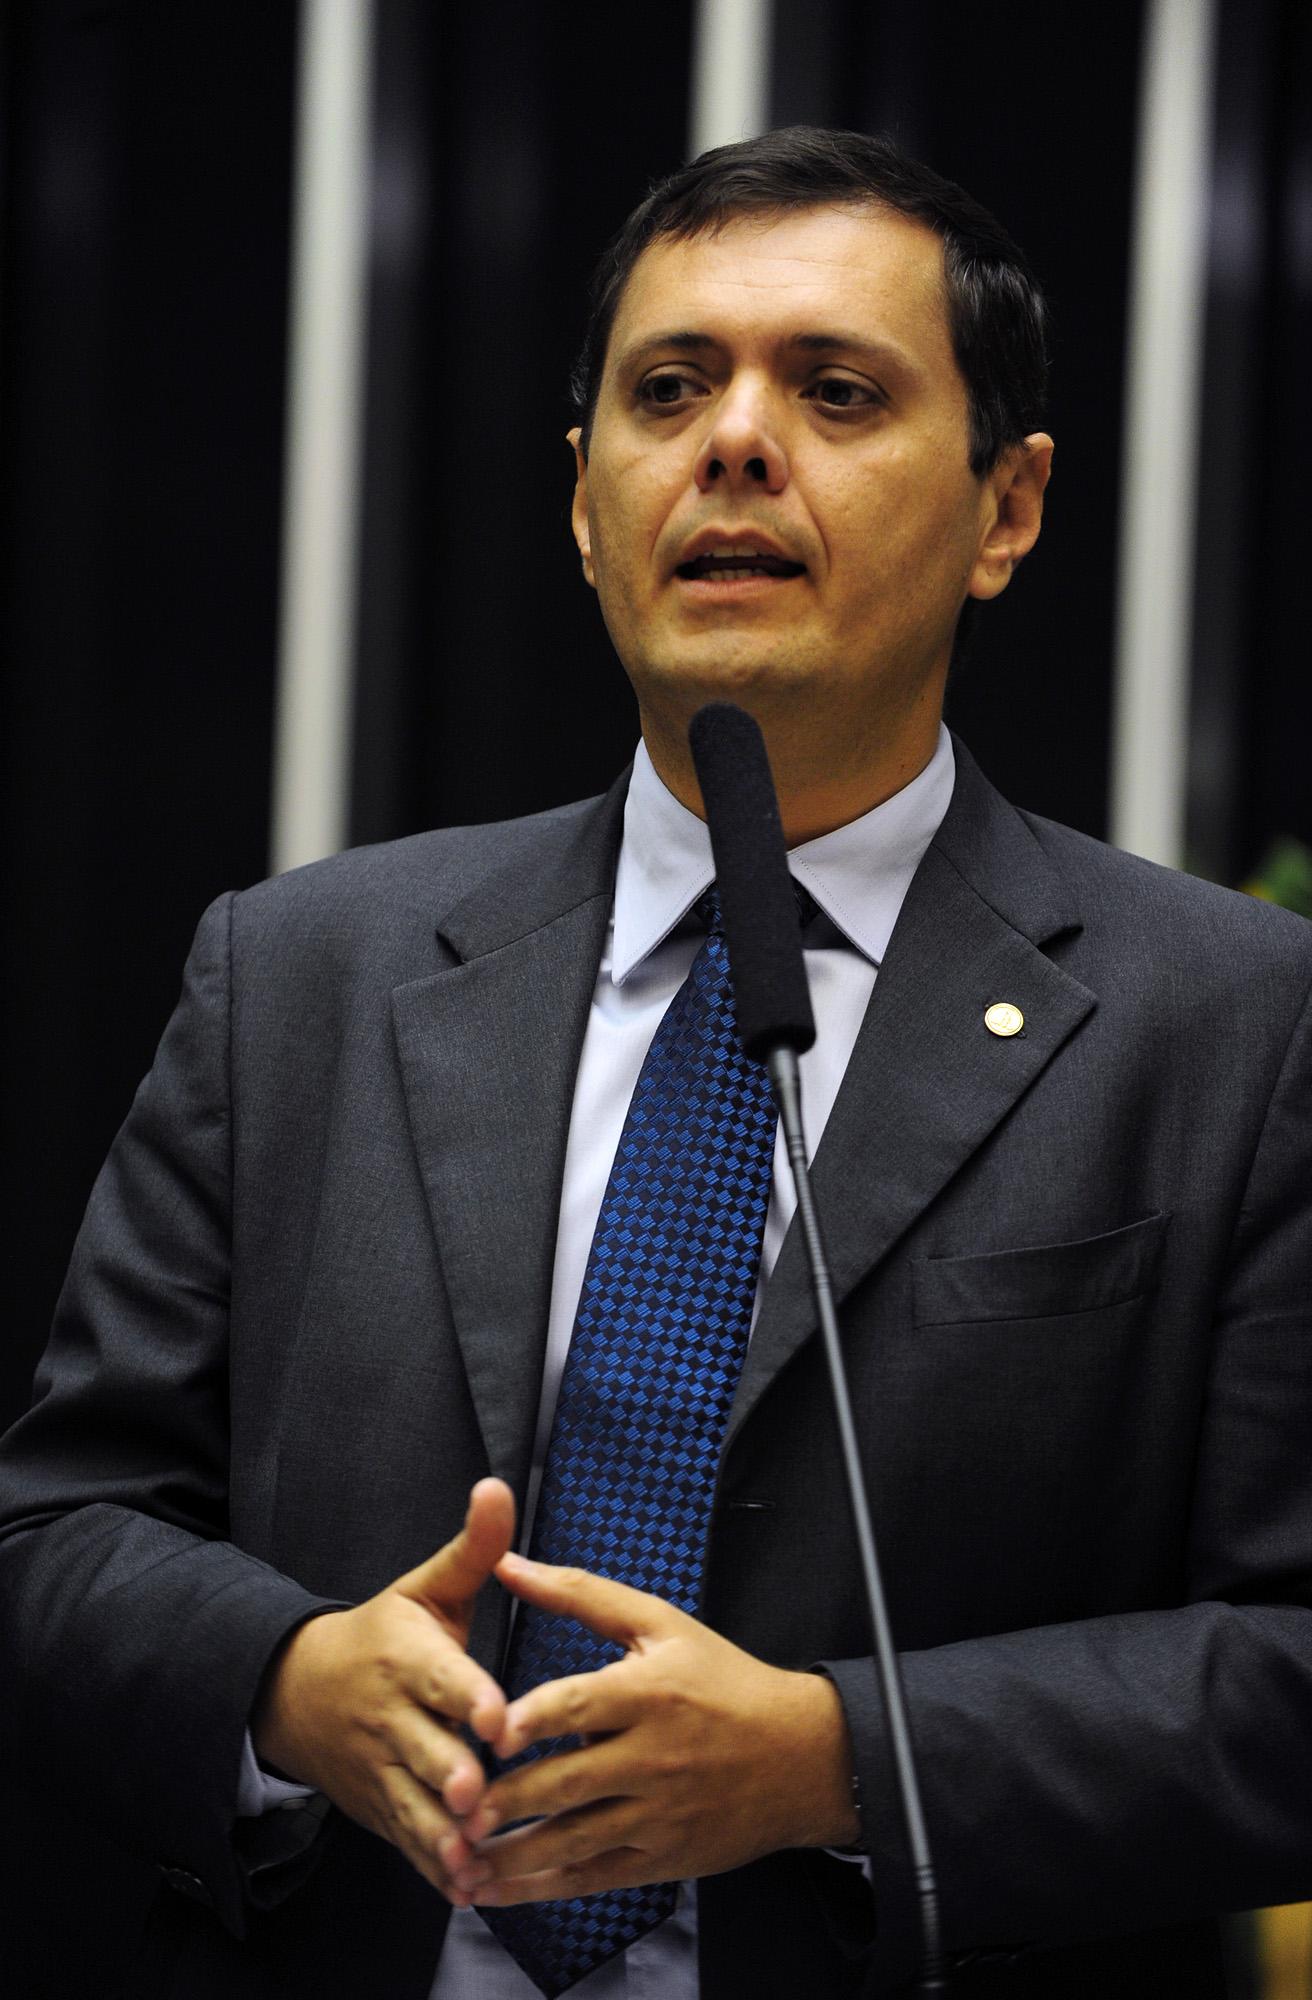 O deputado Cláudio Puty (PT-PA) discursa em sessão plenária da Câmara (Foto: Renato Araújo / Agência Câmara)